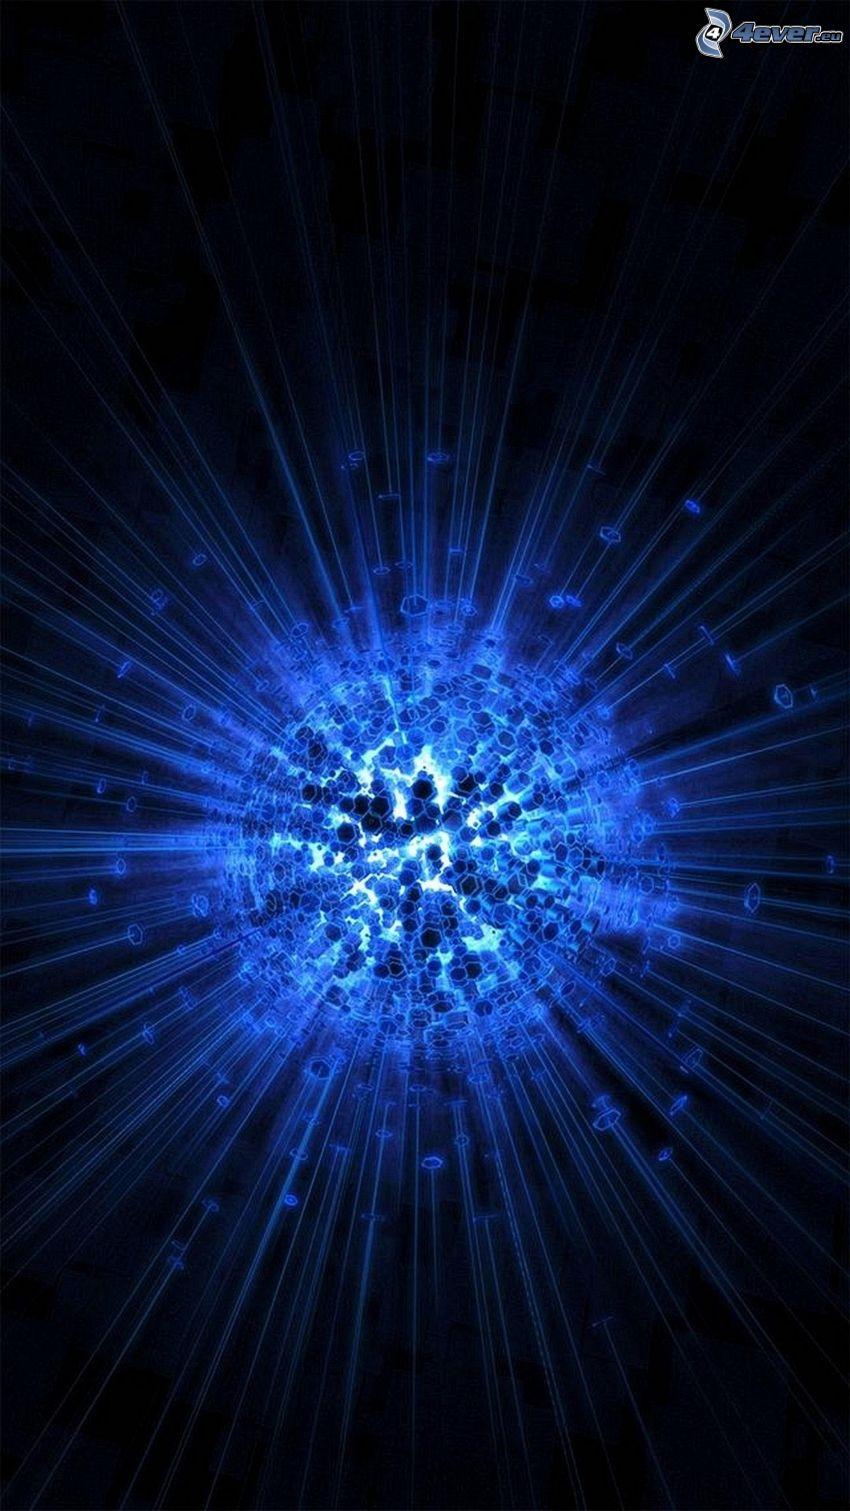 klot, hexagoner, blå linjer, blå bakgrund